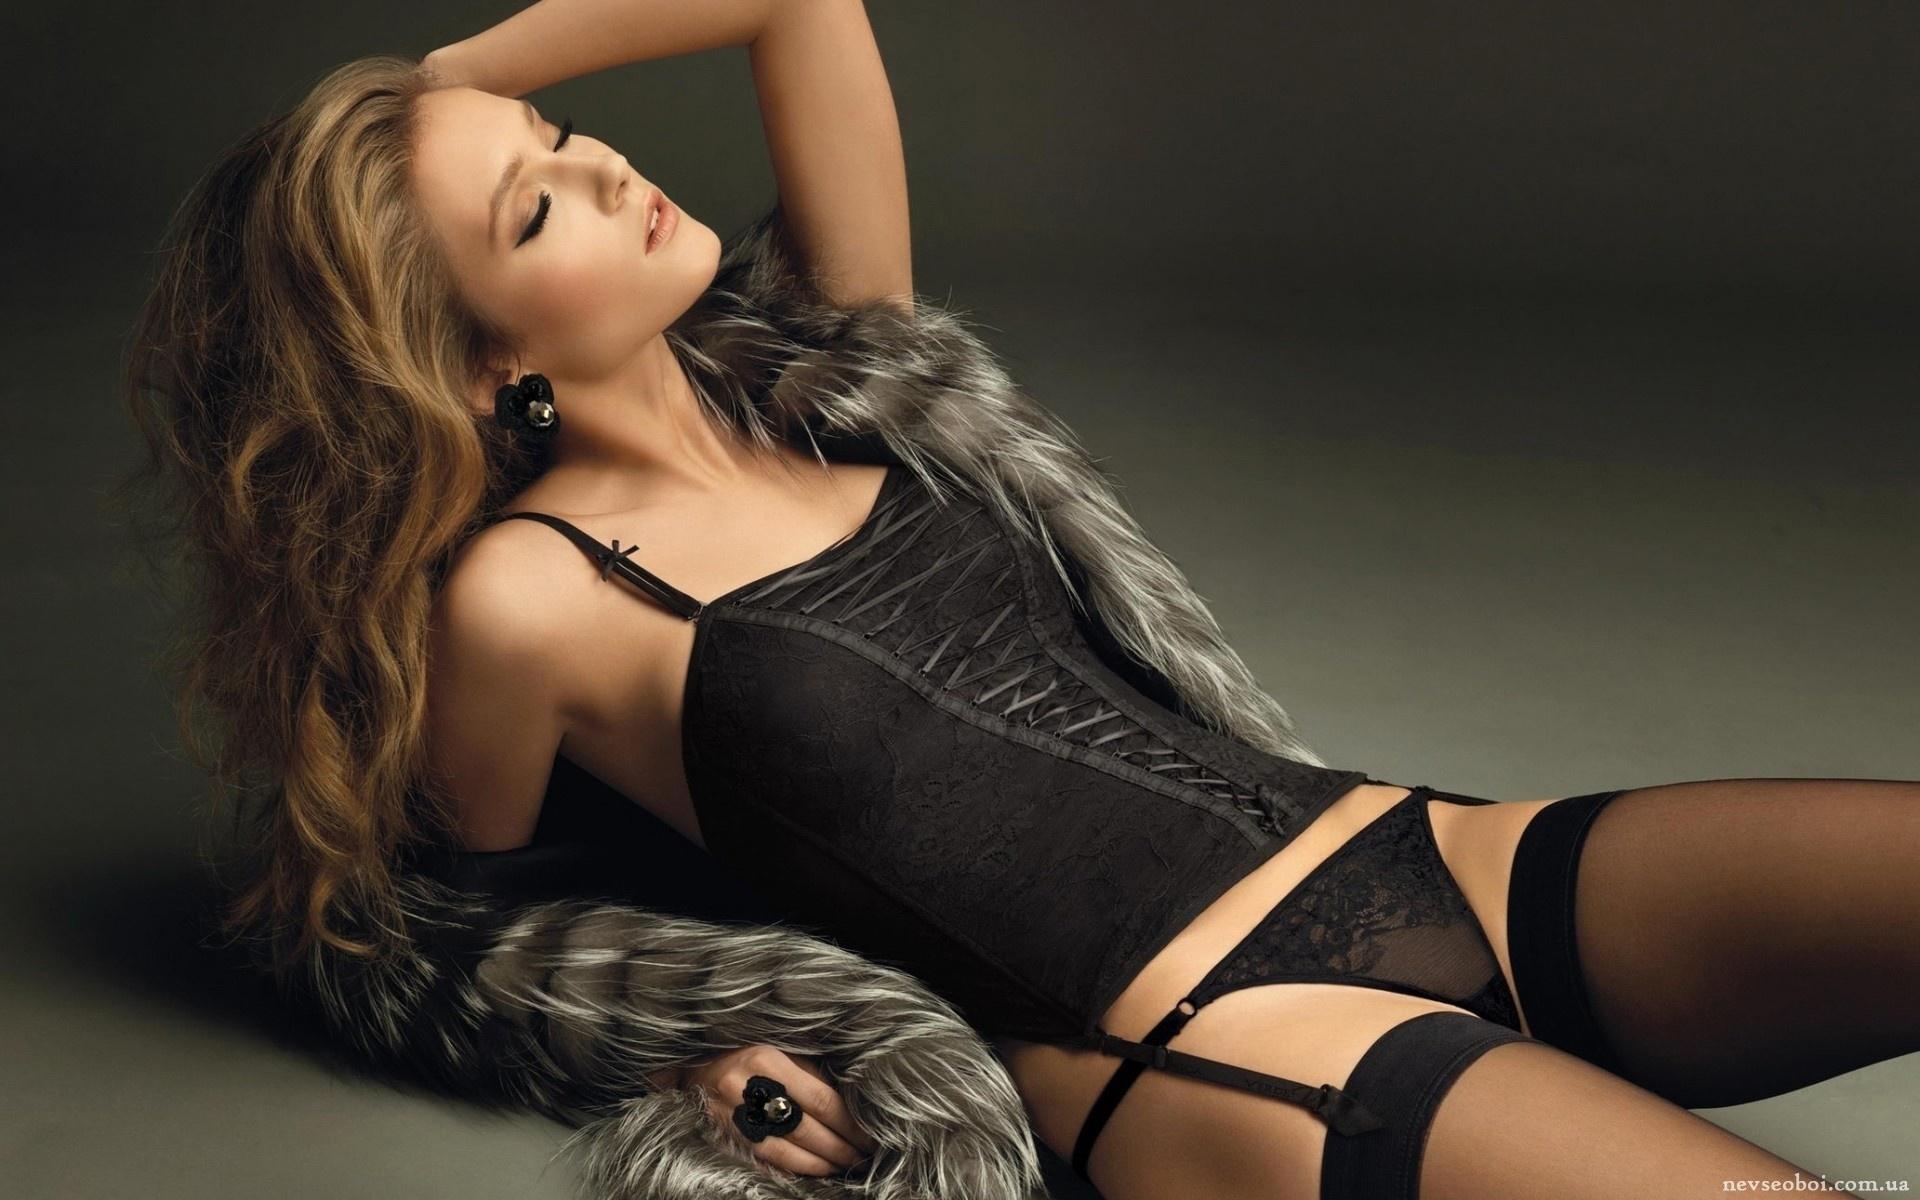 Фото женщин в колготках и нижнем белье, порно фото с двумя брюнетками